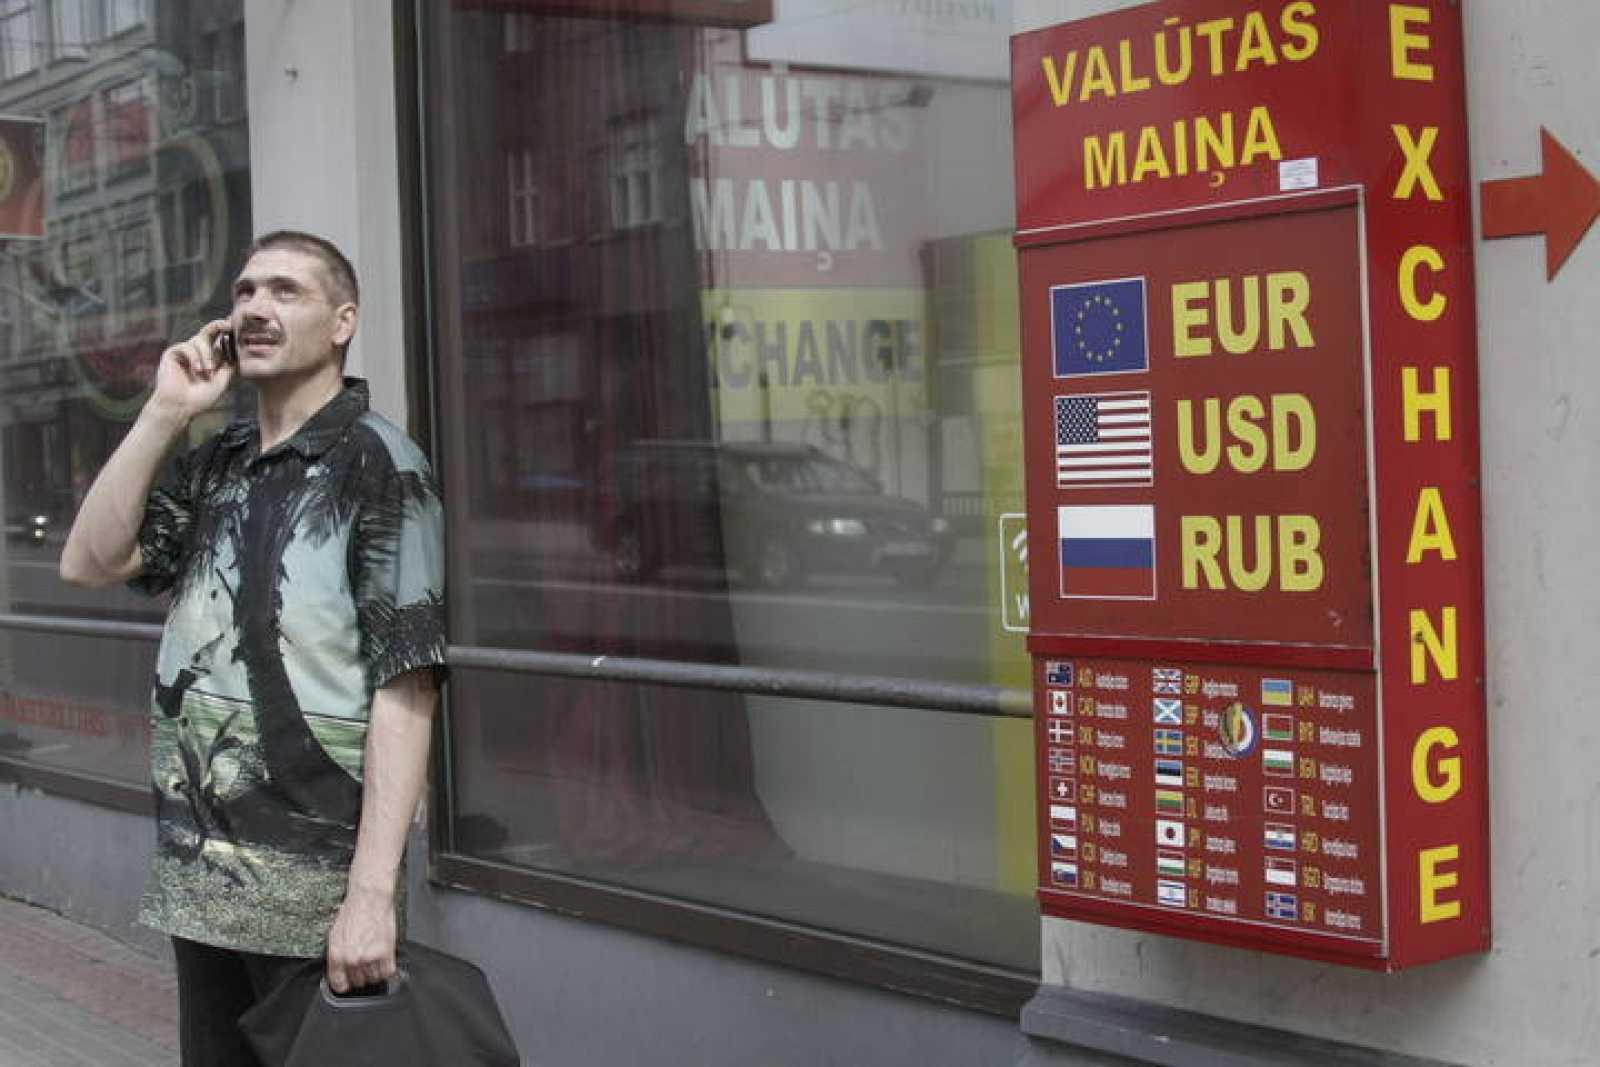 Un hombre permanece junto a una oficina de cambio de moneda en Riga